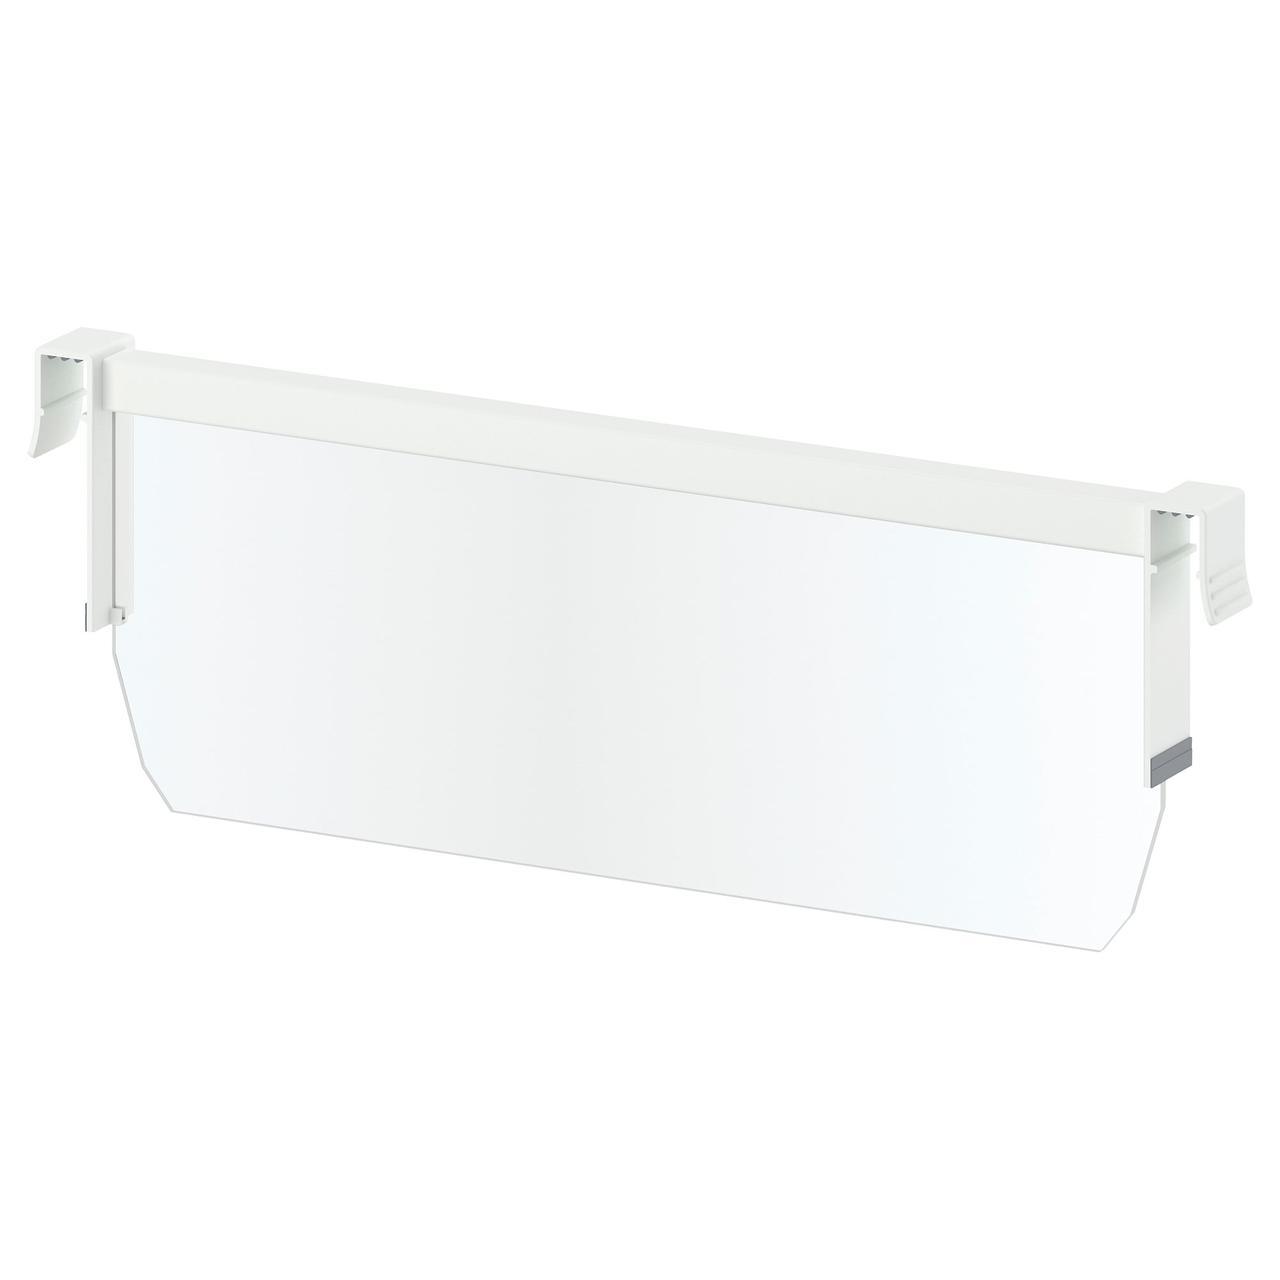 МАКСИМЕРА Разделитель д/среднего ящика, белый, прозрачный